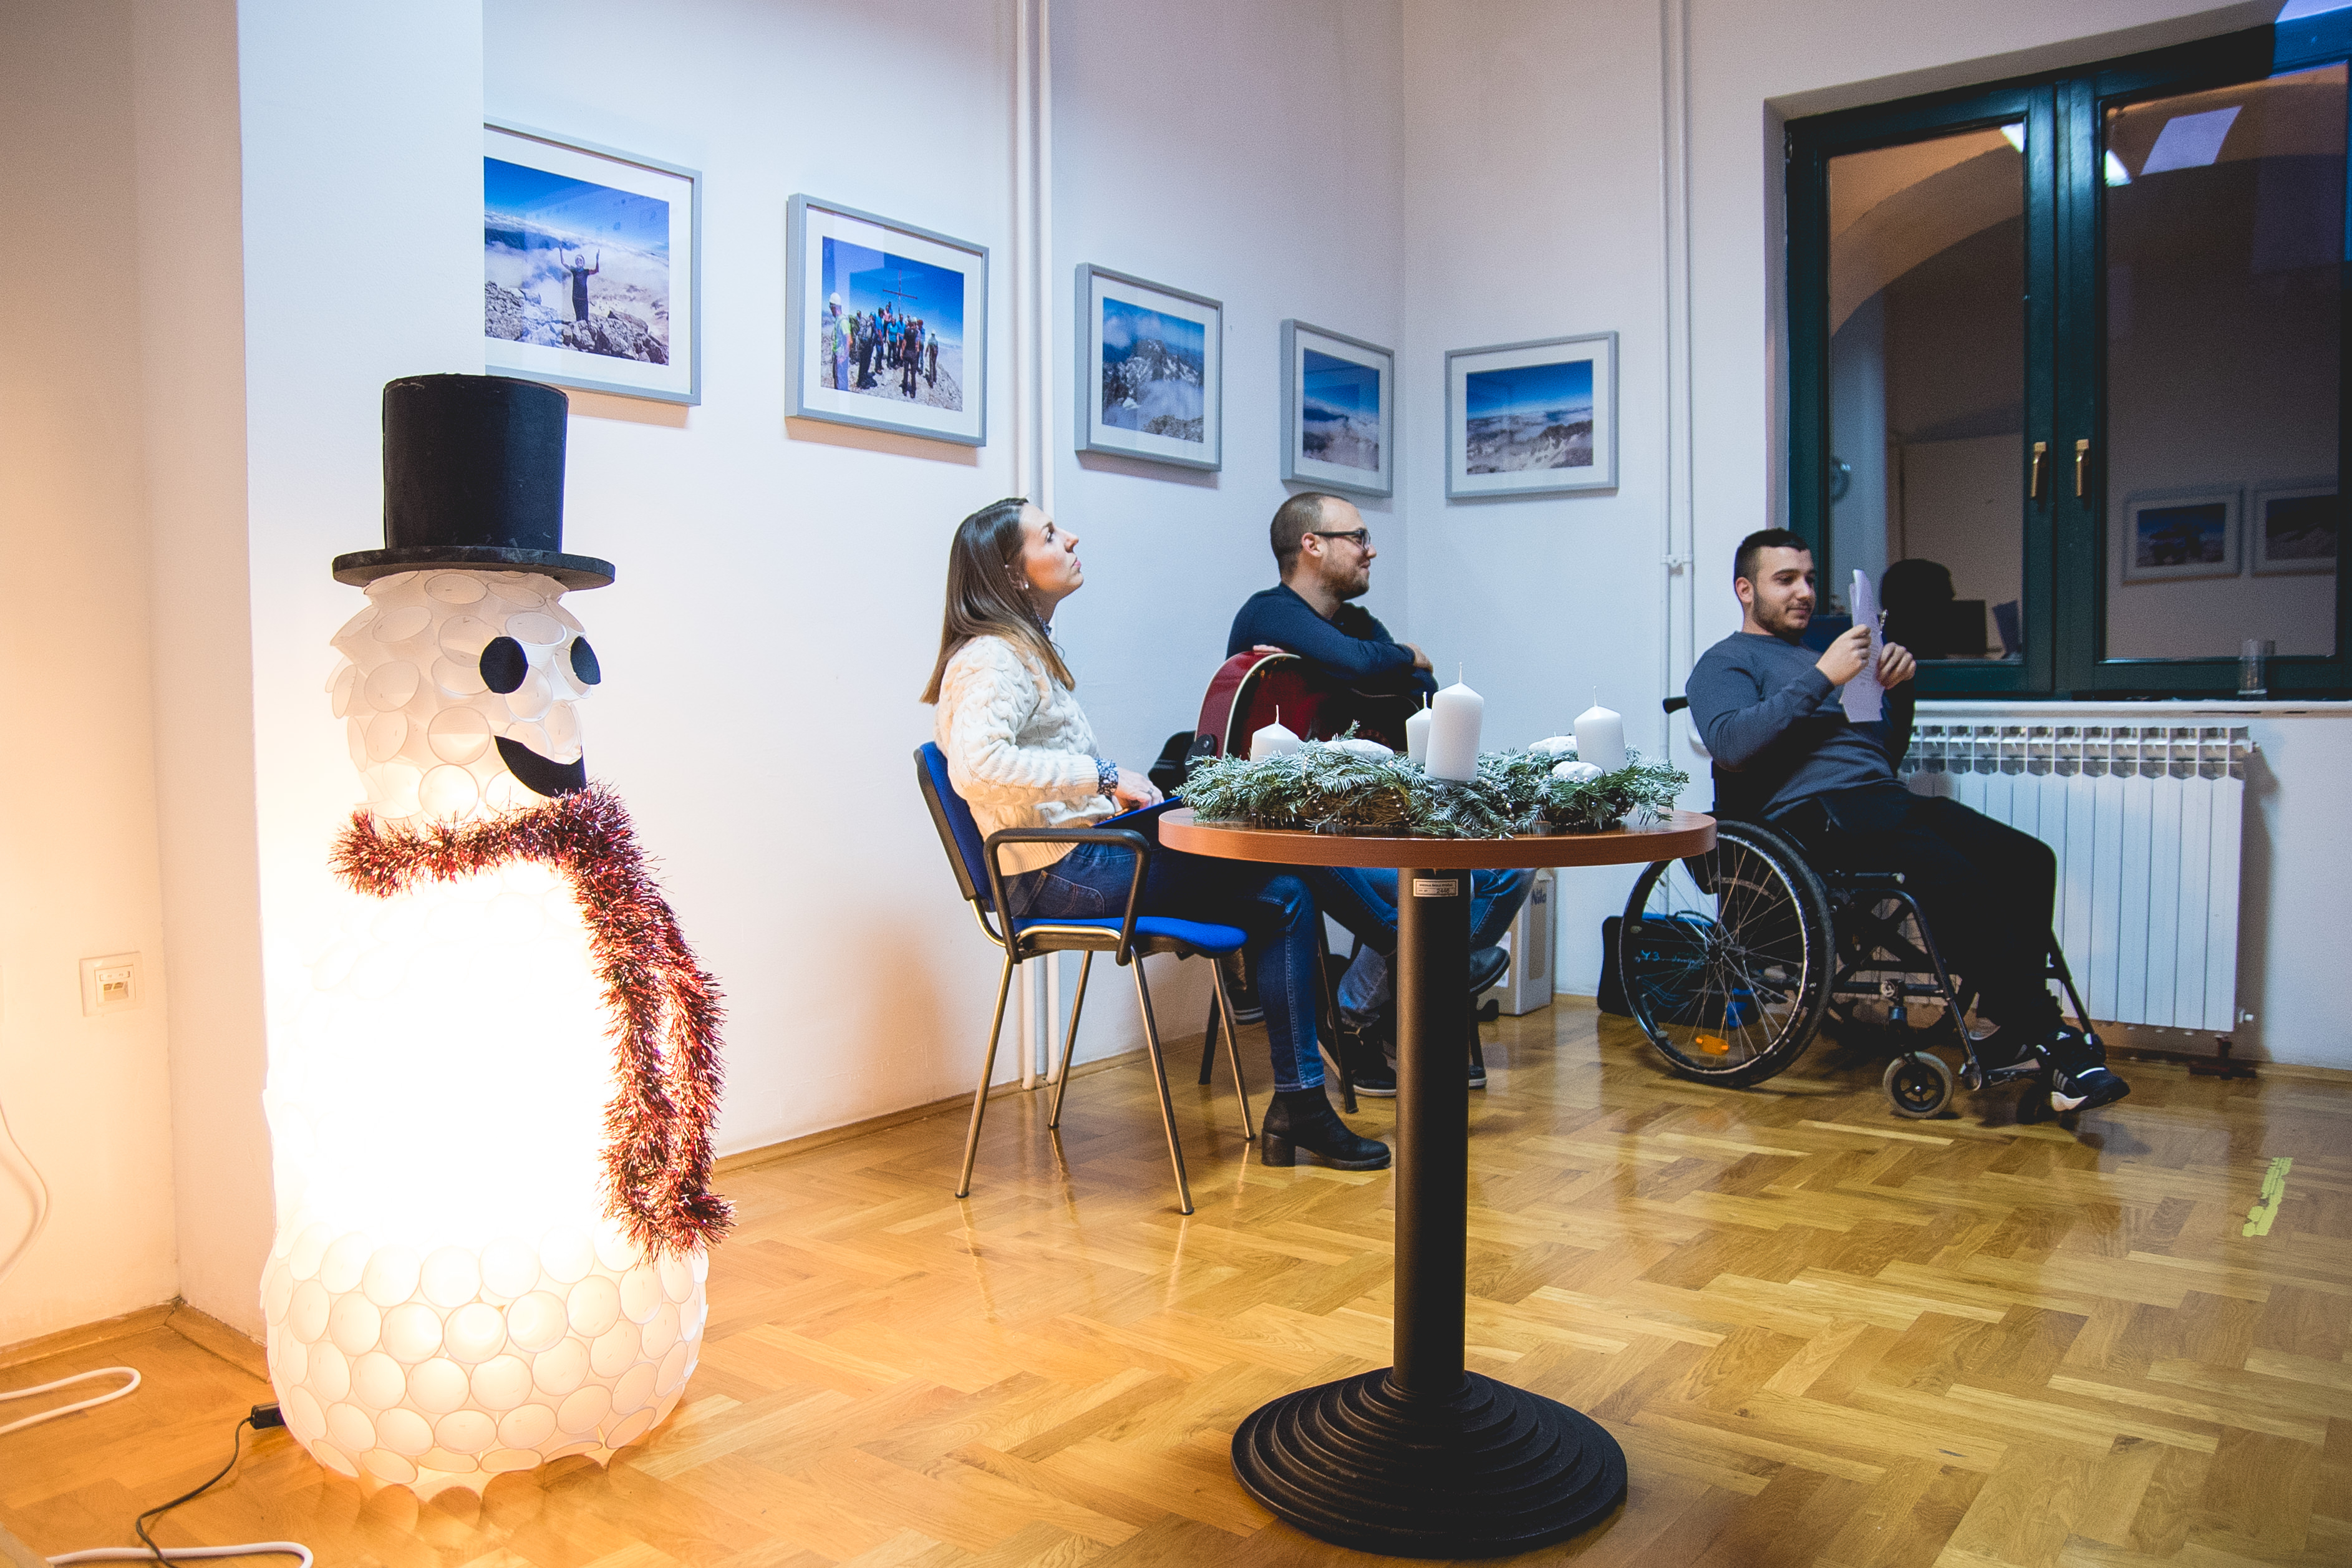 likaclub_osnivanje-udruge-tjelesnih-invalida-otočca-svjetlost_2018-3